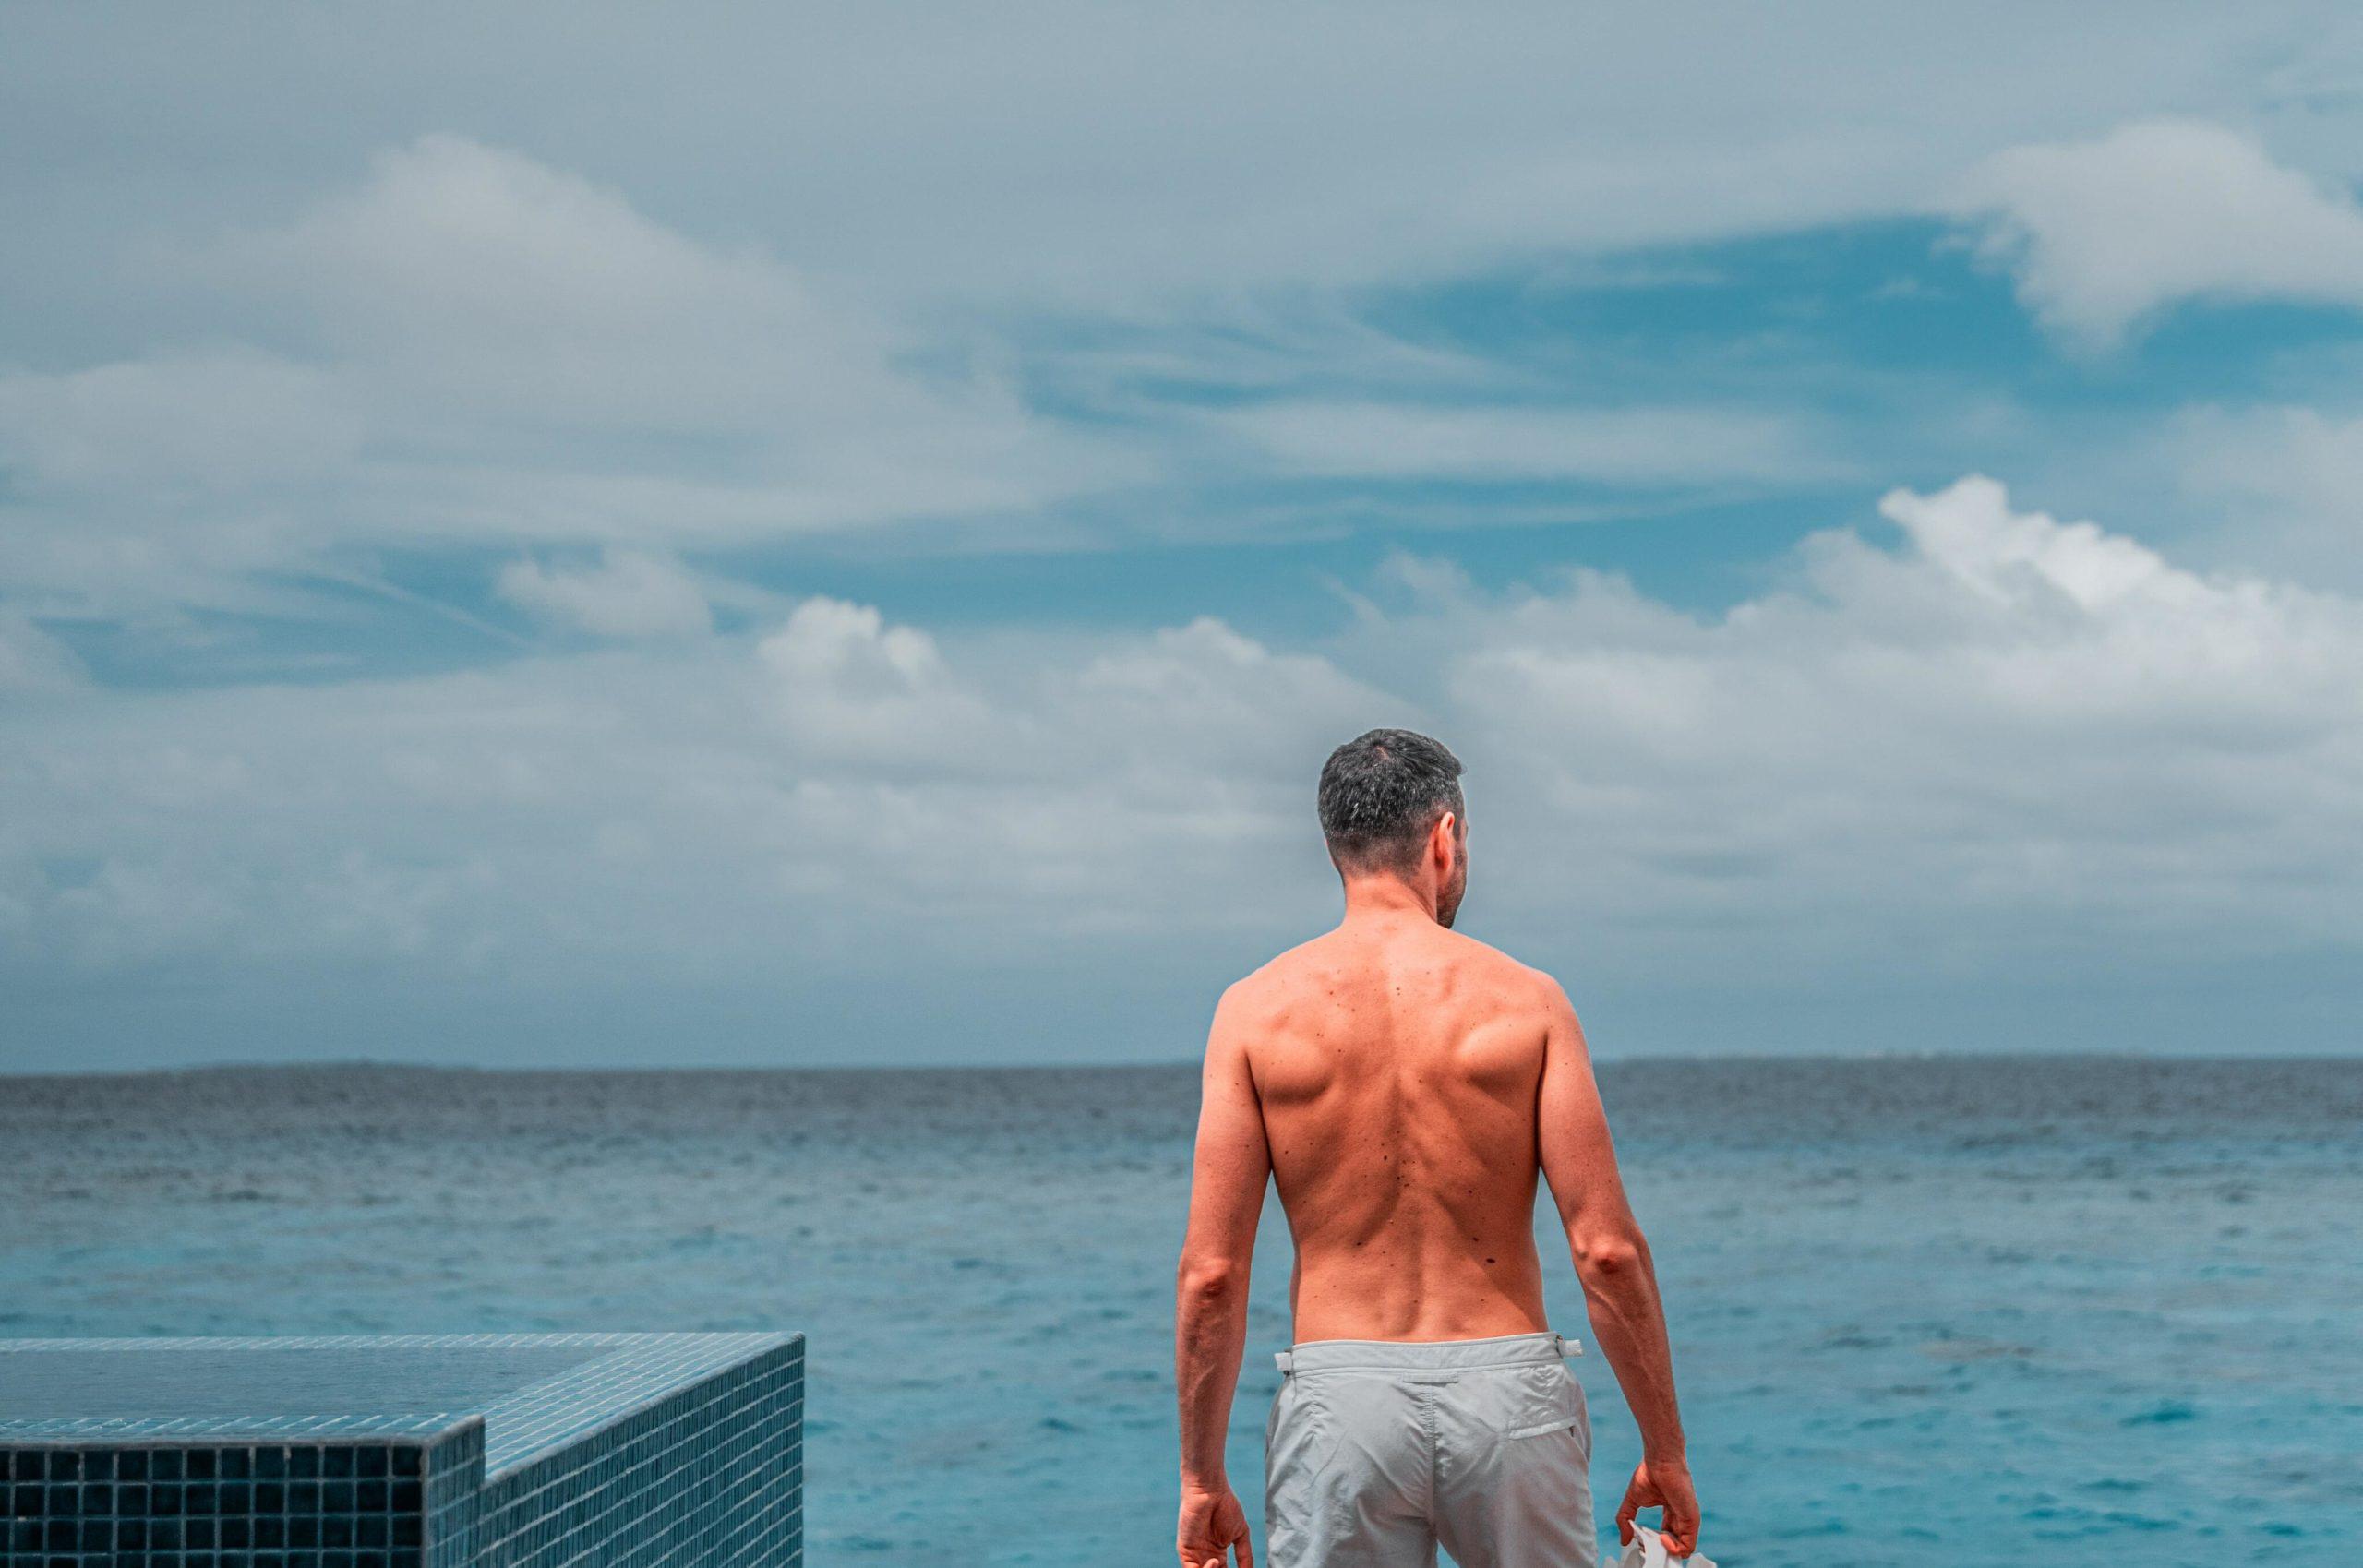 Shirtless Man's Back